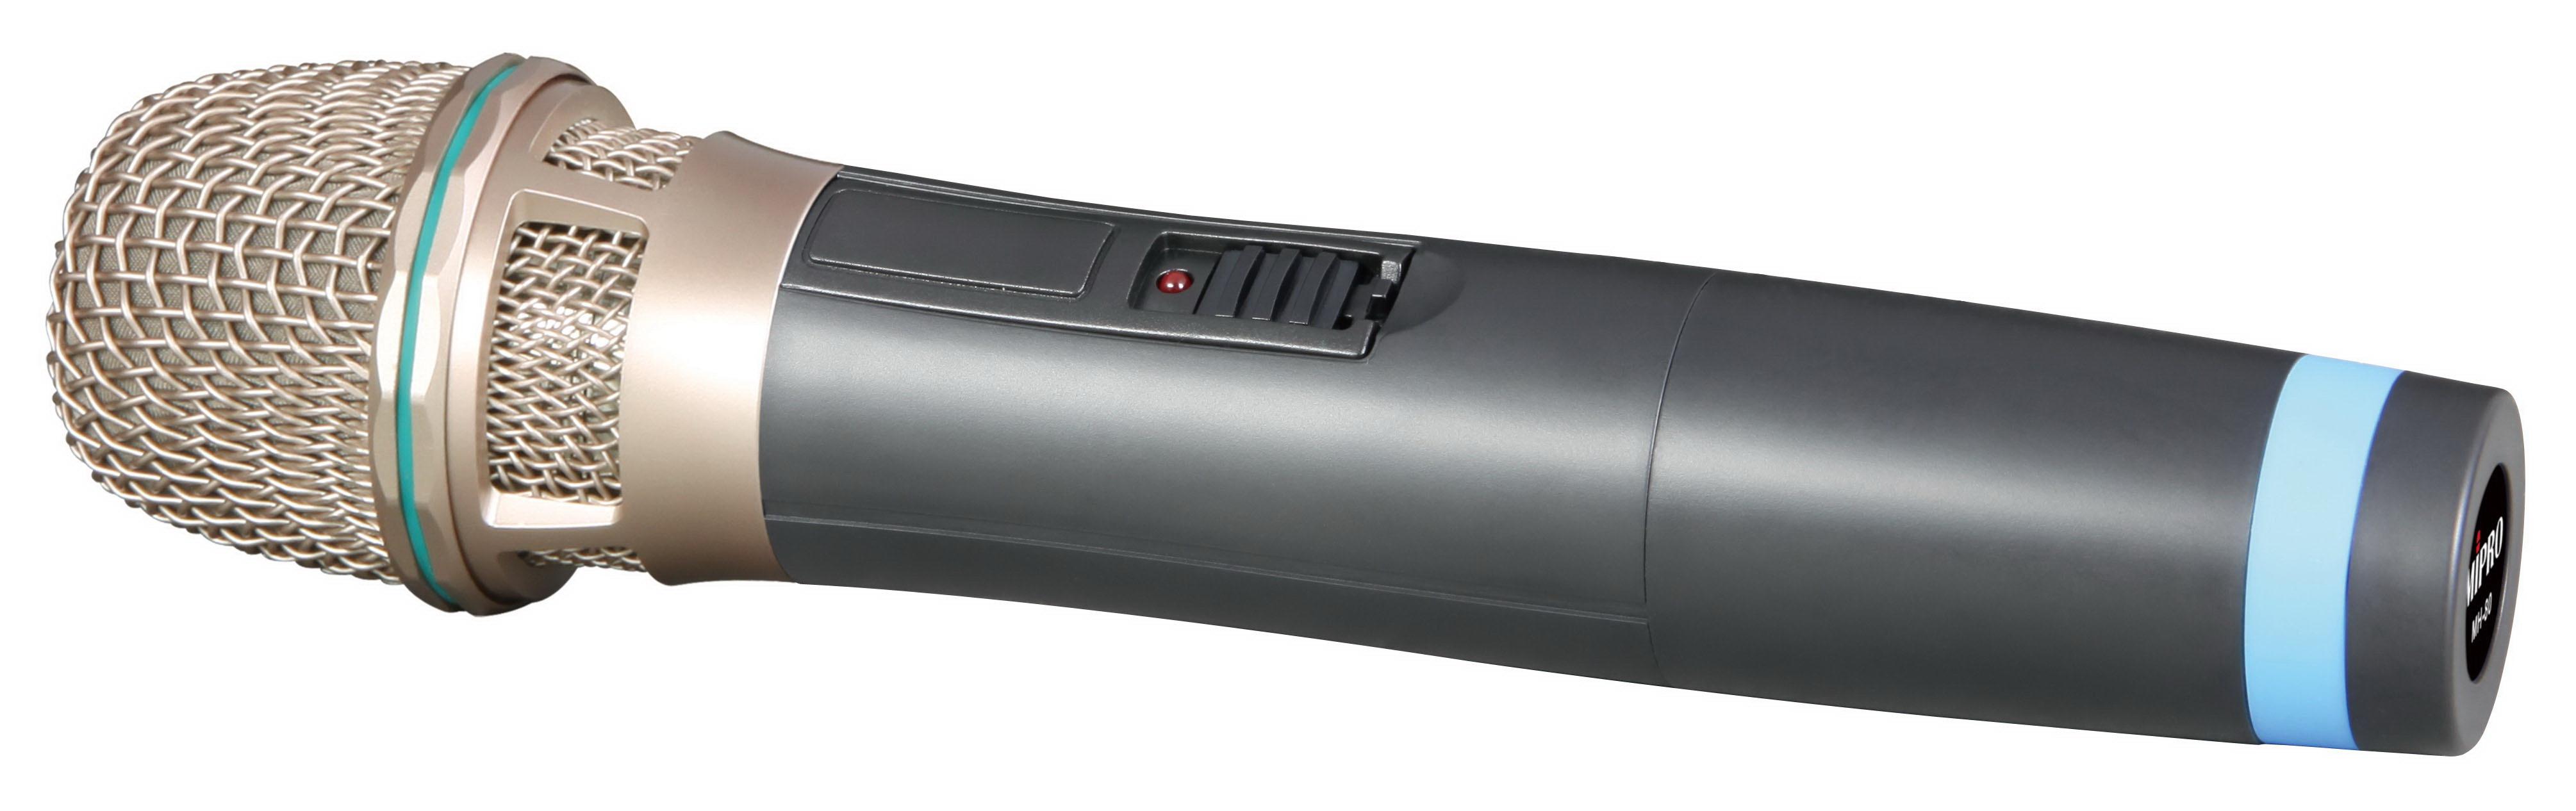 Mipro Håndmikrofon sender frekv. 824.250